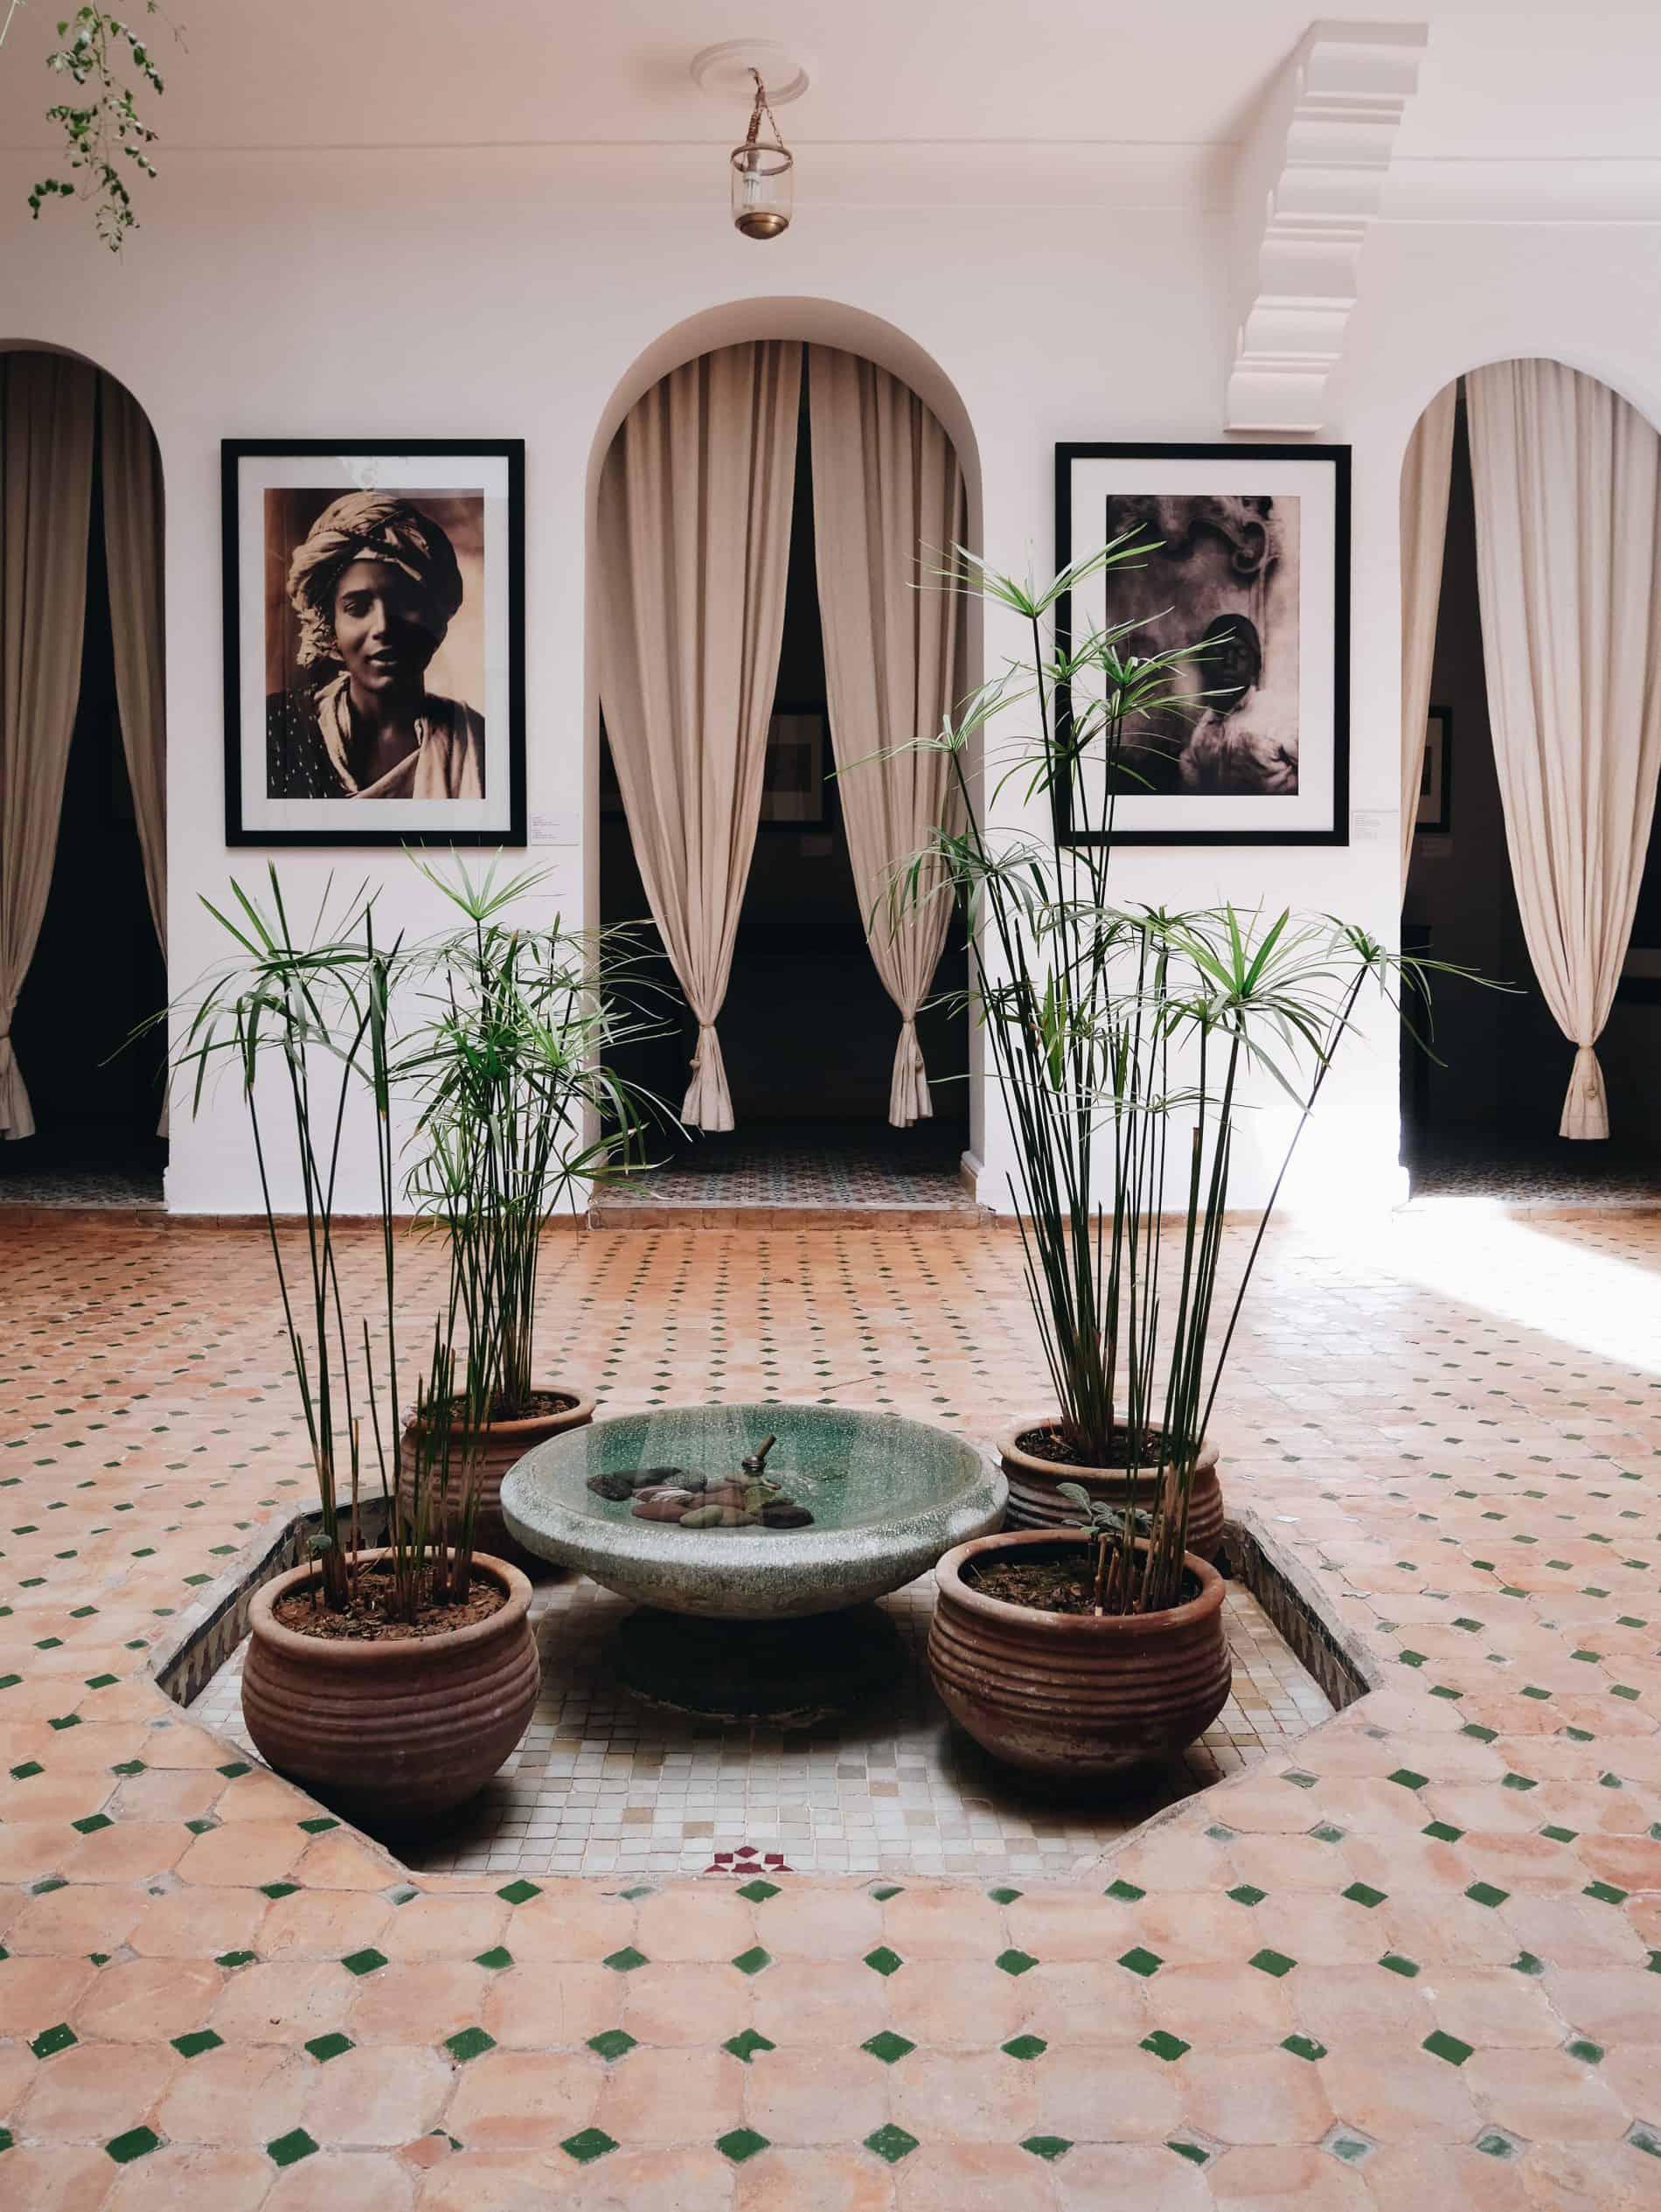 maison de la photographie week end Marrakech city guide deco maroc